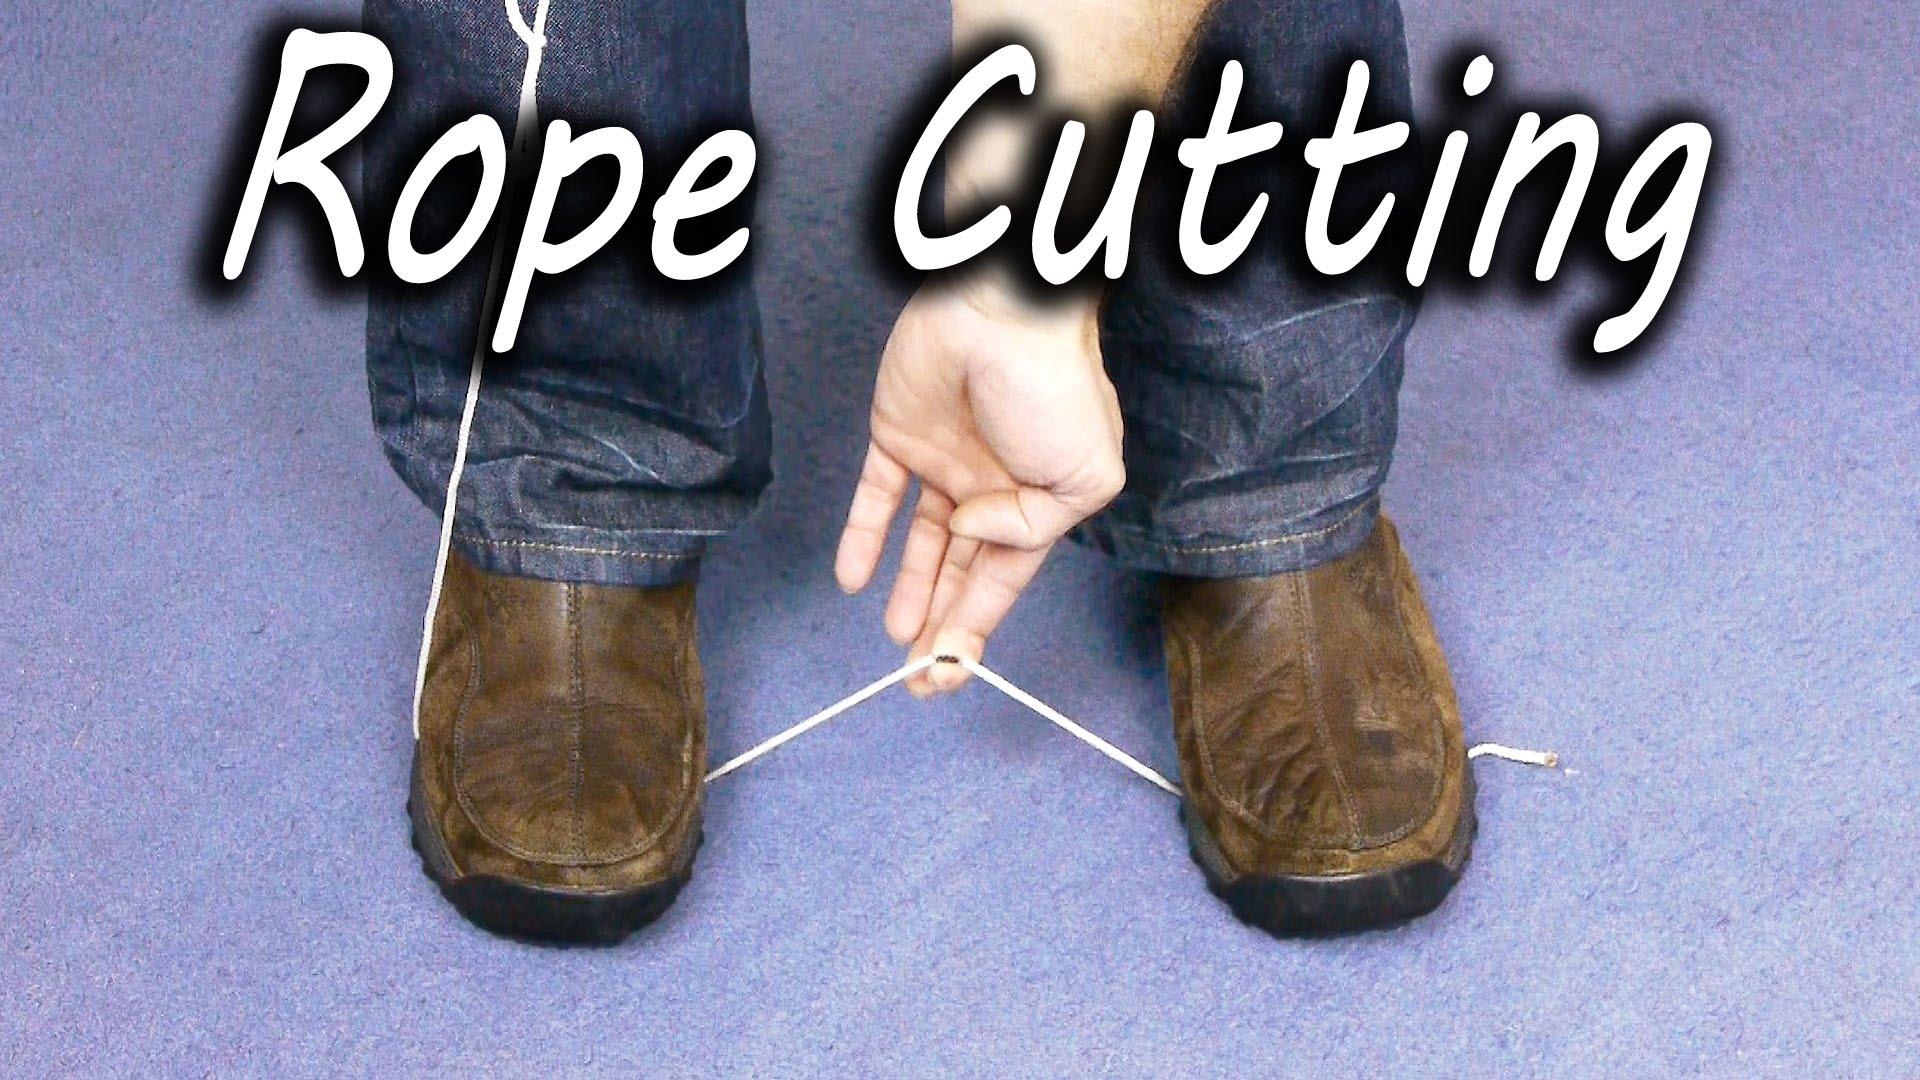 いつか役立つかも!? 刃物を使わずにロープを切る方法